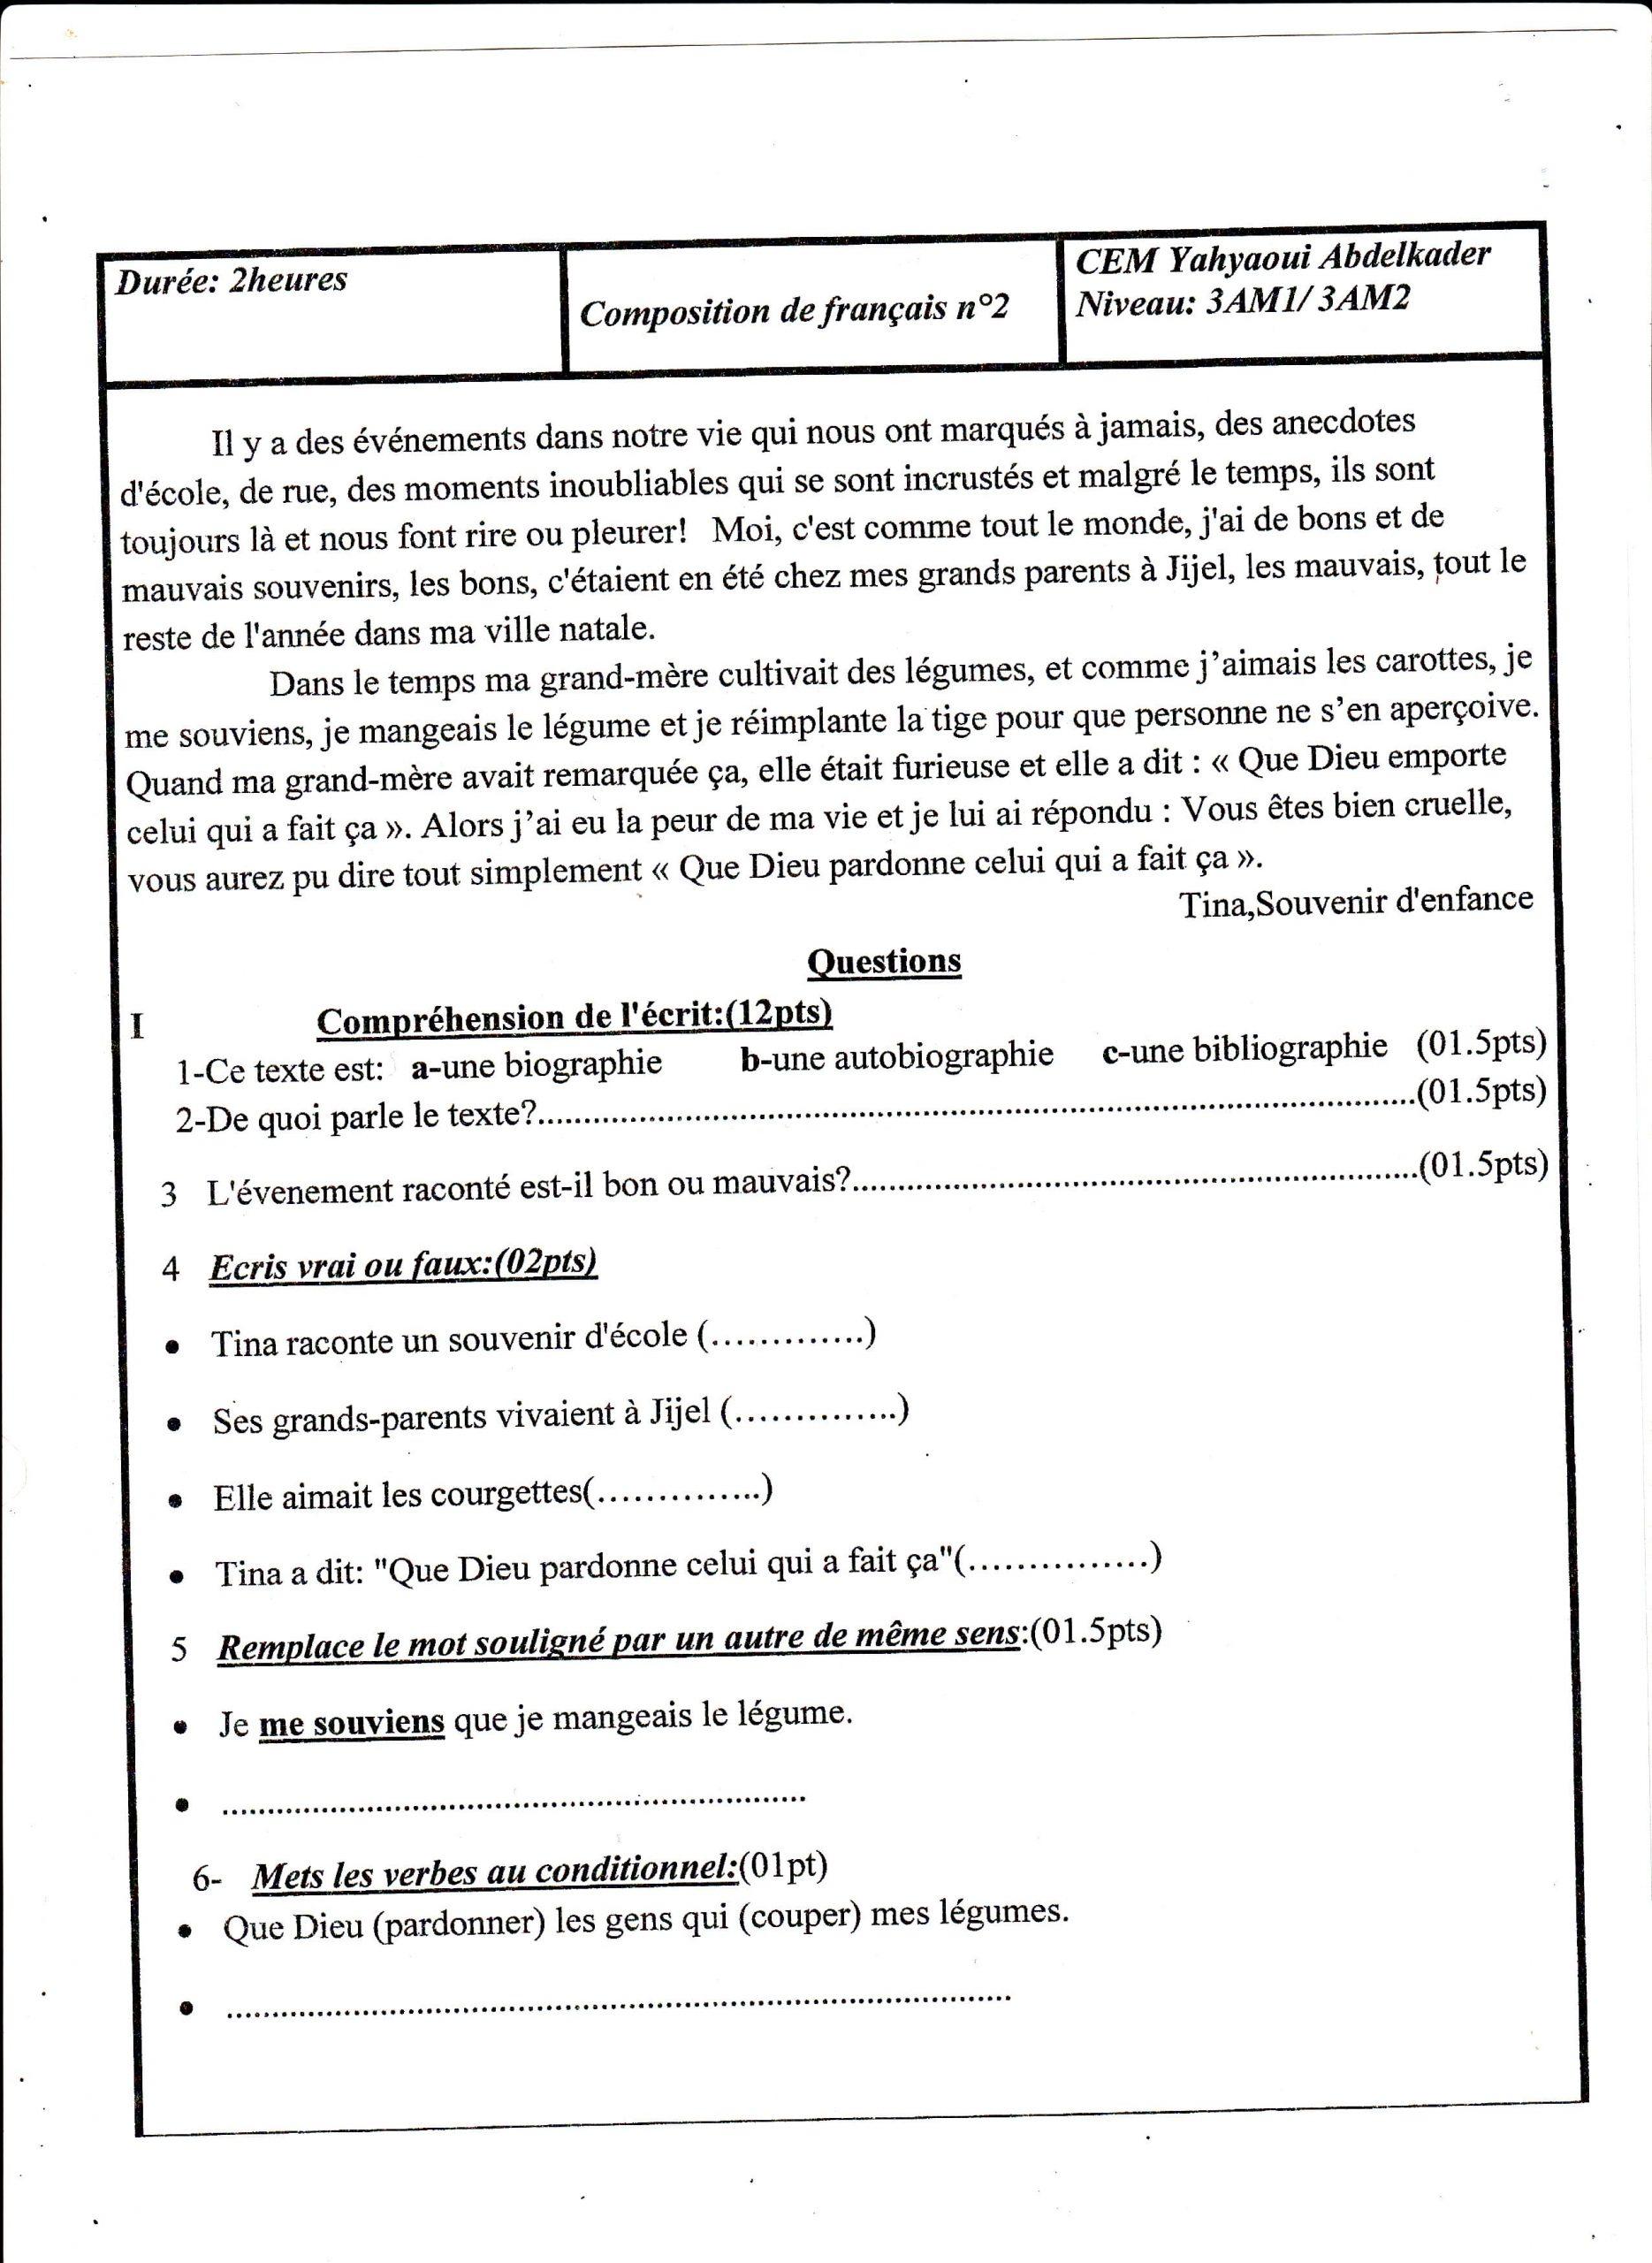 اختبار الفصل الثاني في اللغة الفرنسية السنة الثالثة متوسط   الموضوع 02